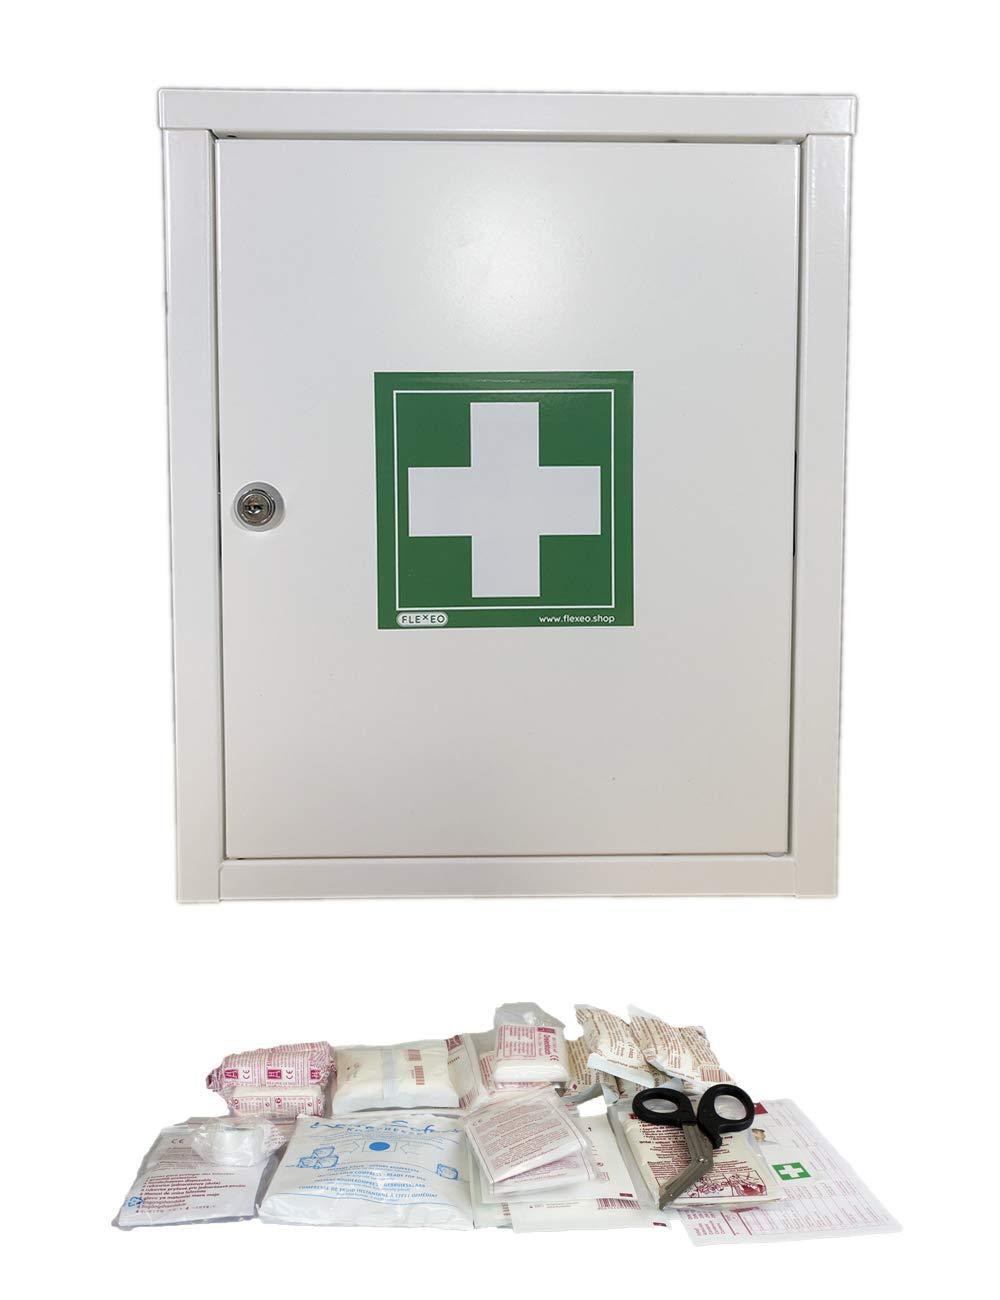 FLEXEO Erste-Hilfe-Schrank mit Füllung nach DIN 13157, abschließbar, abschließbar, abschließbar, aus Metall, zur Wandmontage f0cc4e